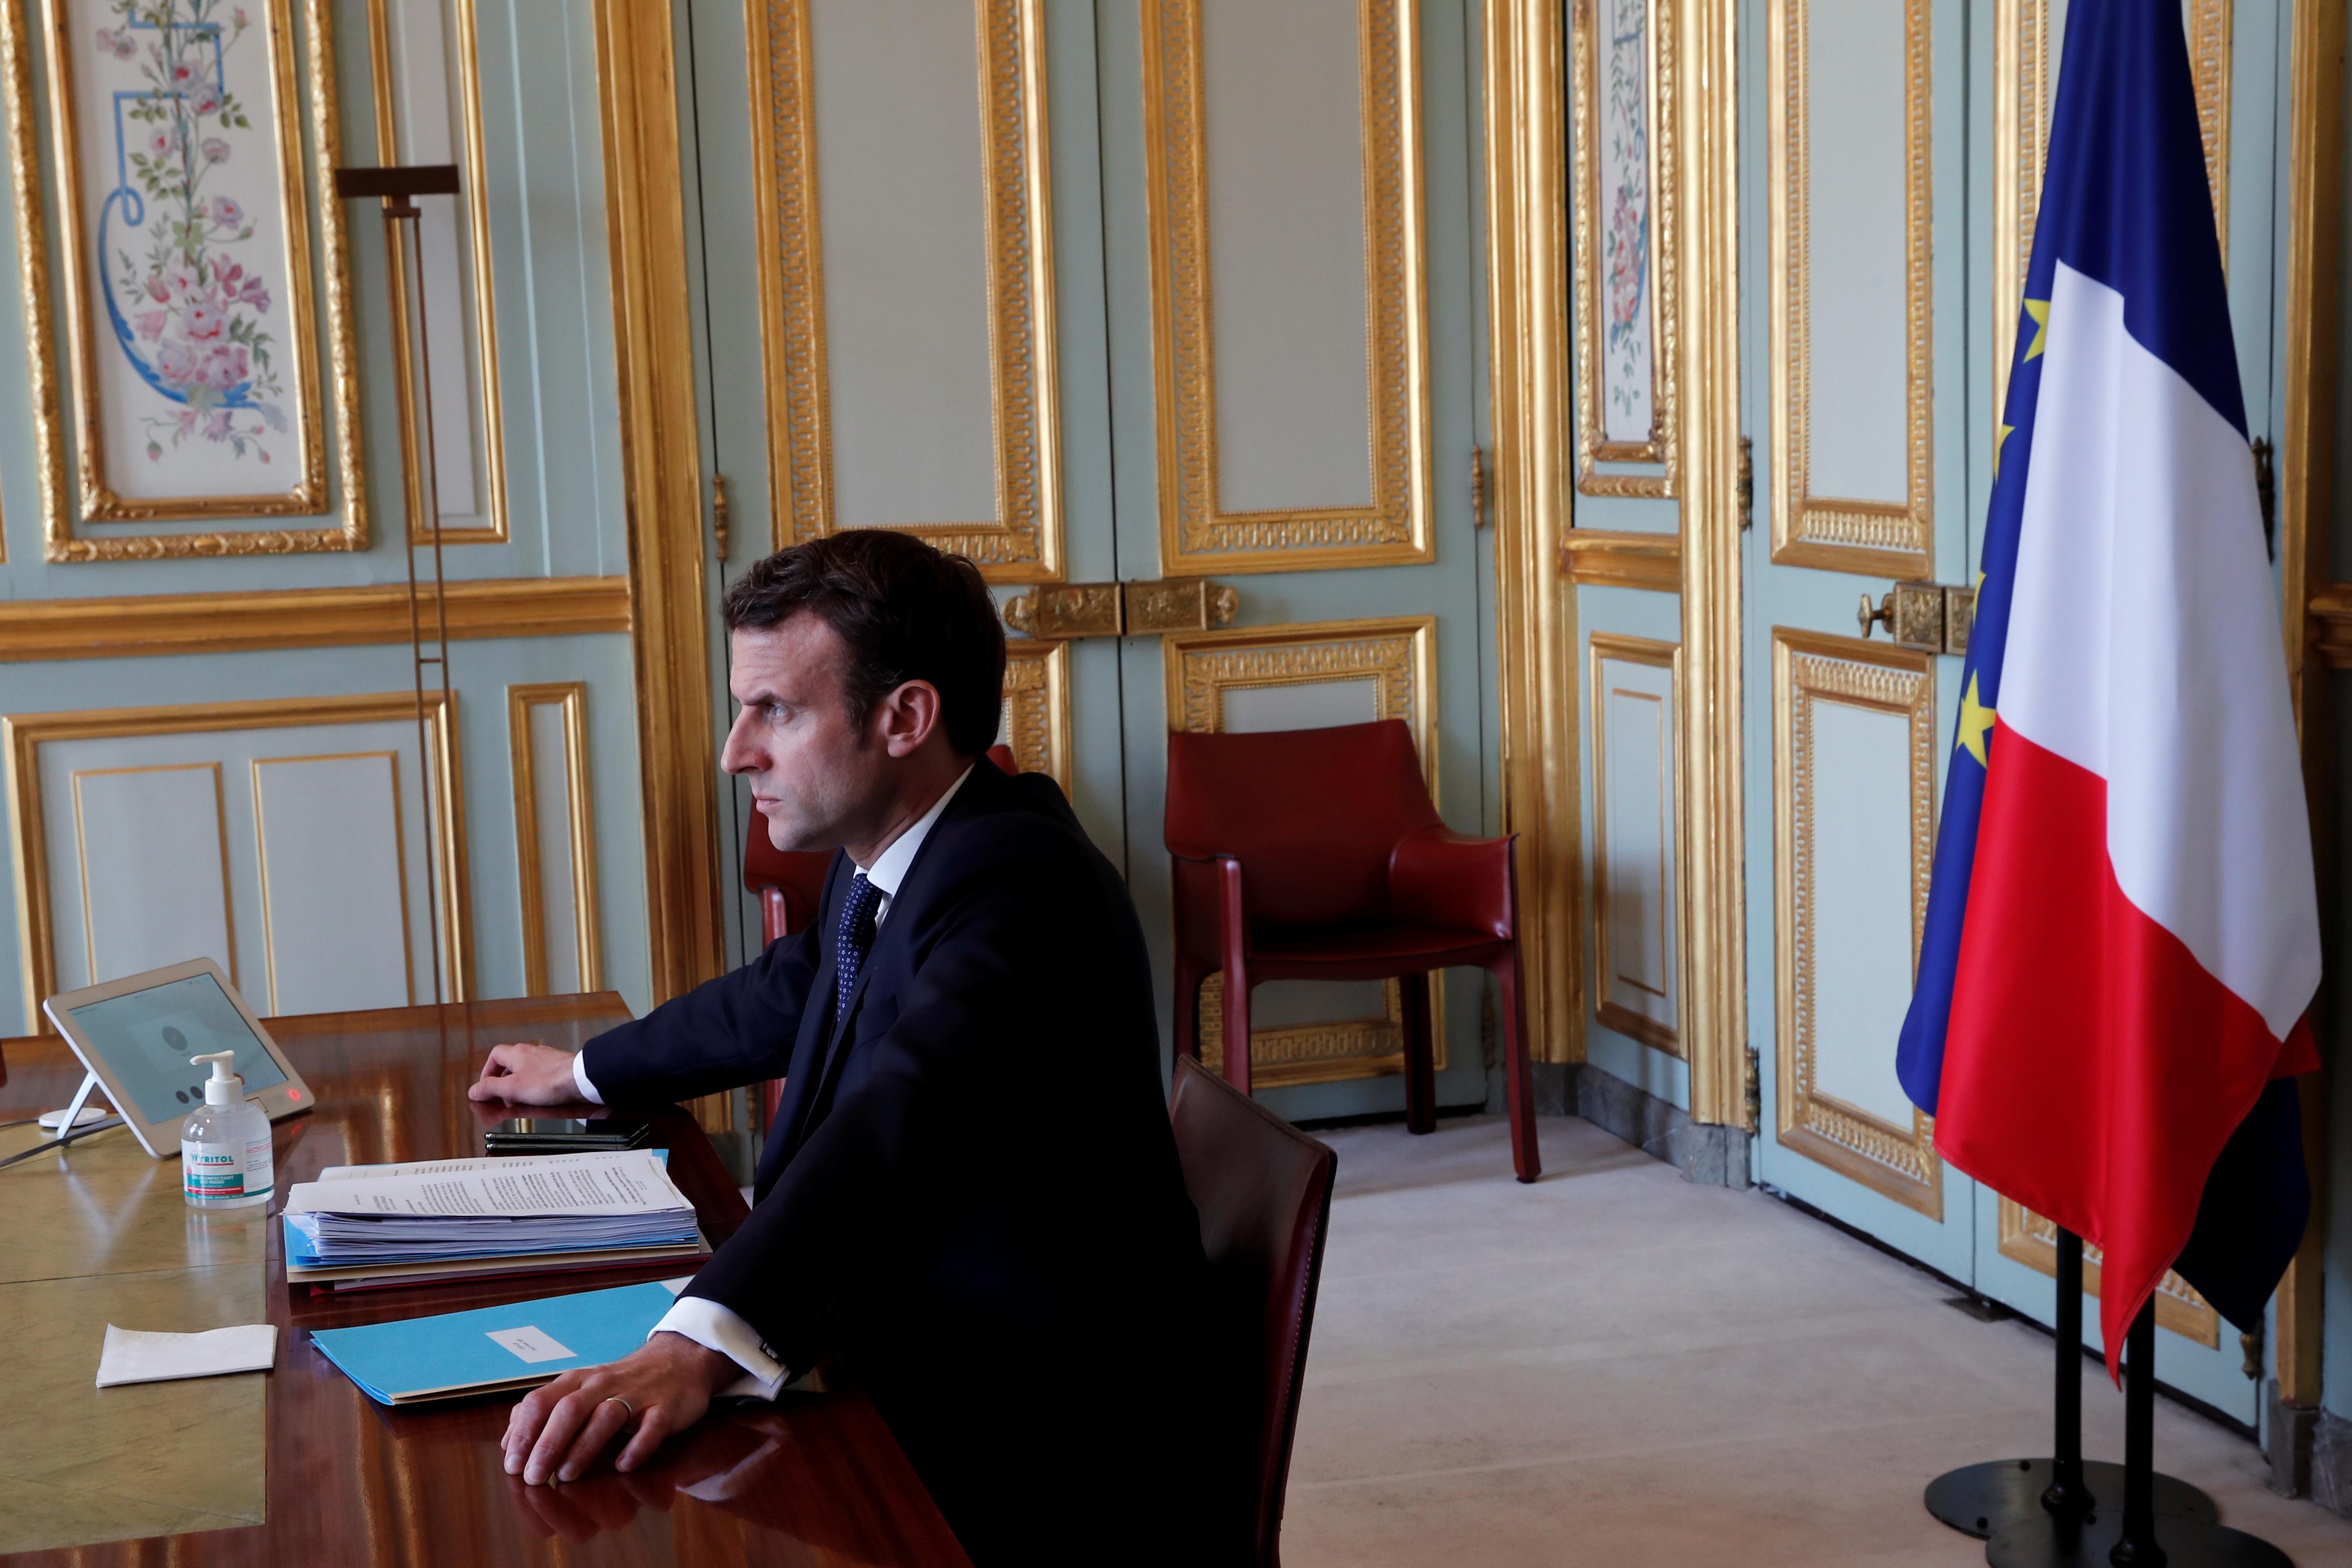 Κορονοϊός: «Θα το ξεπεράσουμε» όλοι μαζί, υπόσχονται οι ηγέτες της G20